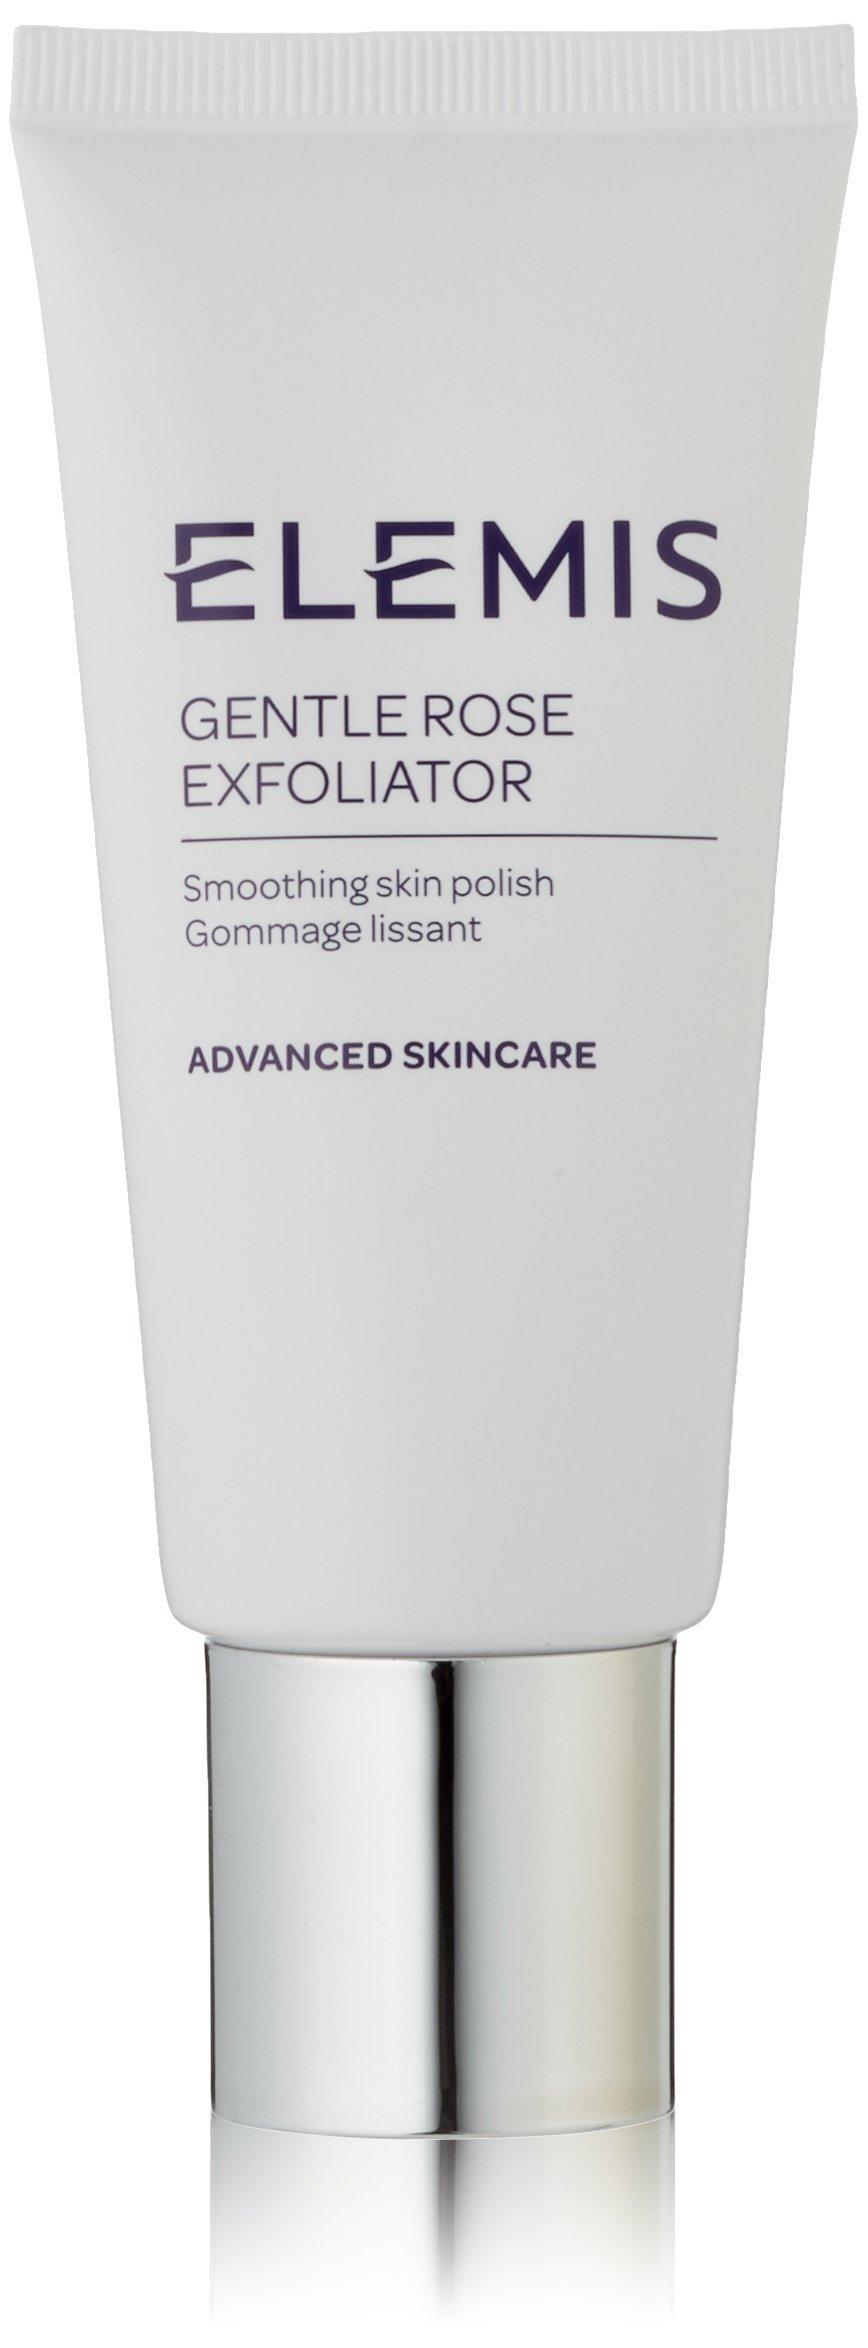 ELEMIS Gentle Rose Exfoliator - Smoothing Skin Polish